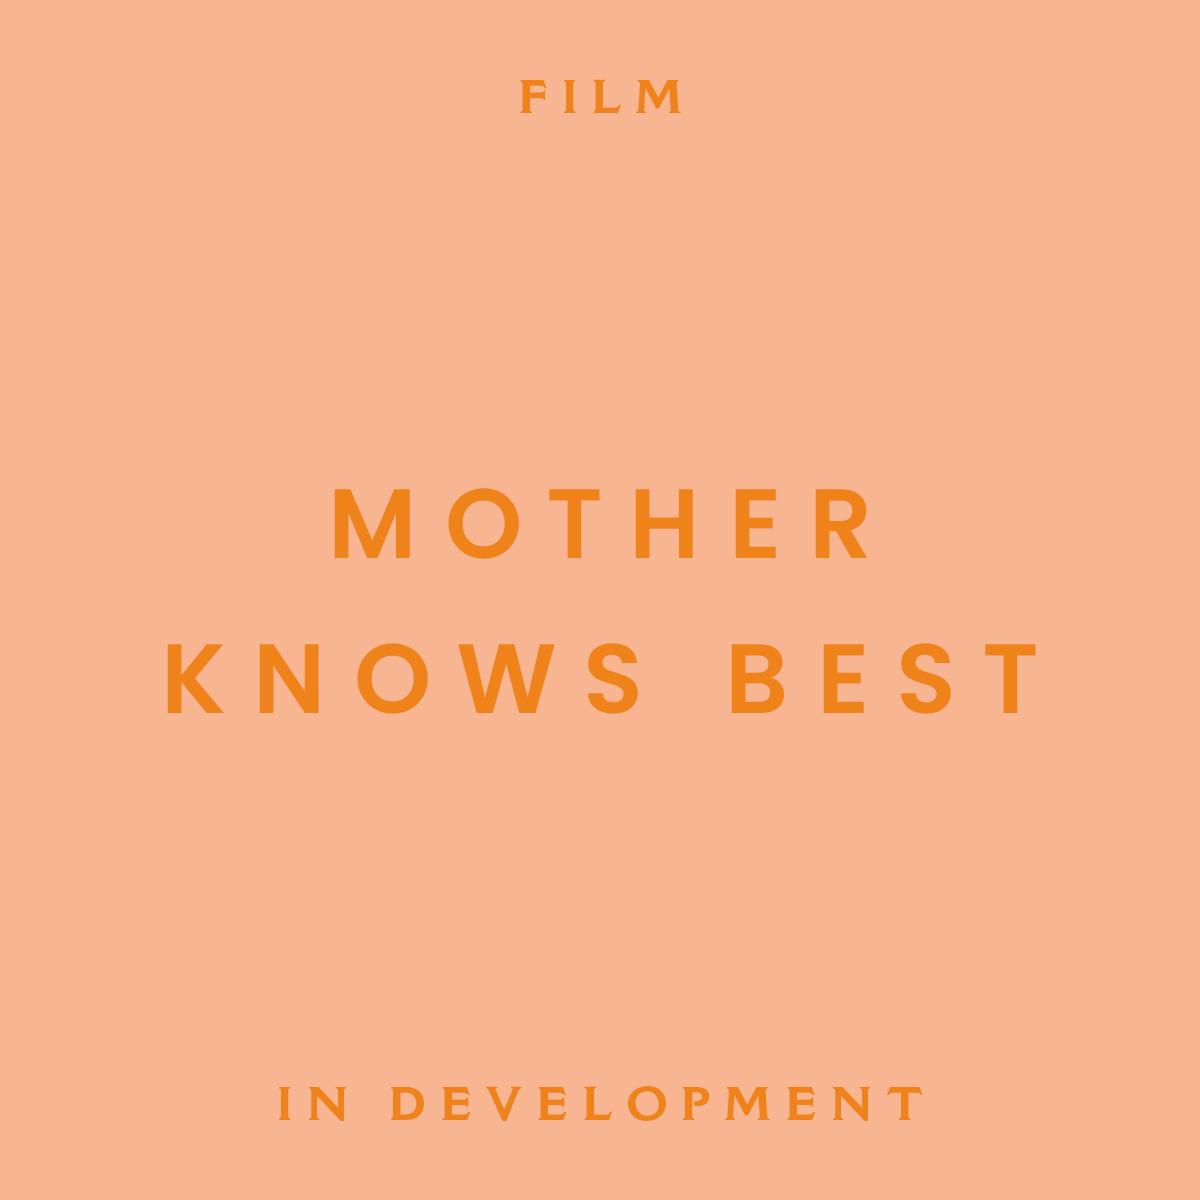 mother knows best, film, development